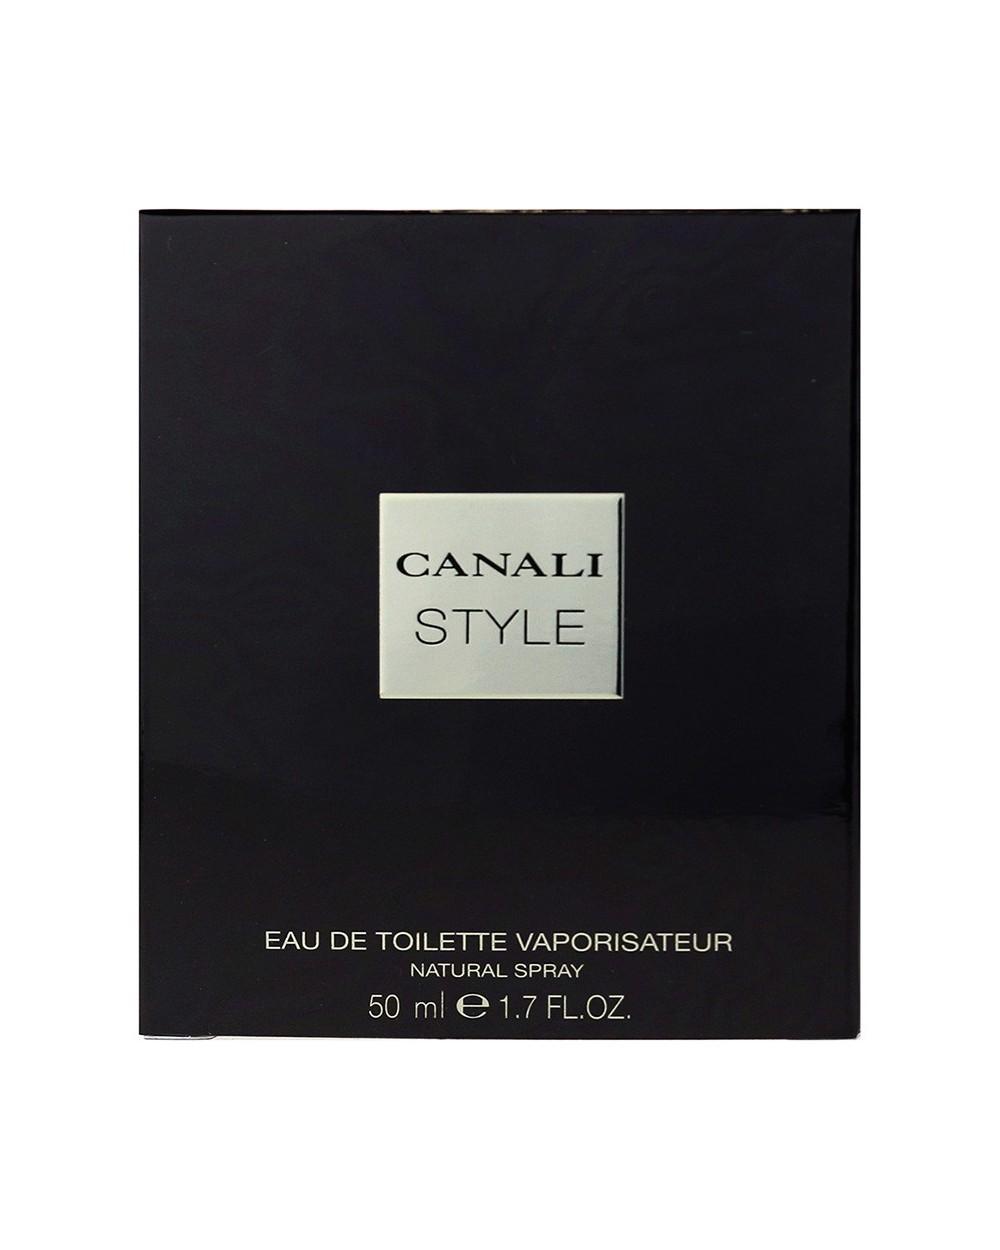 Canali Style Eau De Toilette 50ml